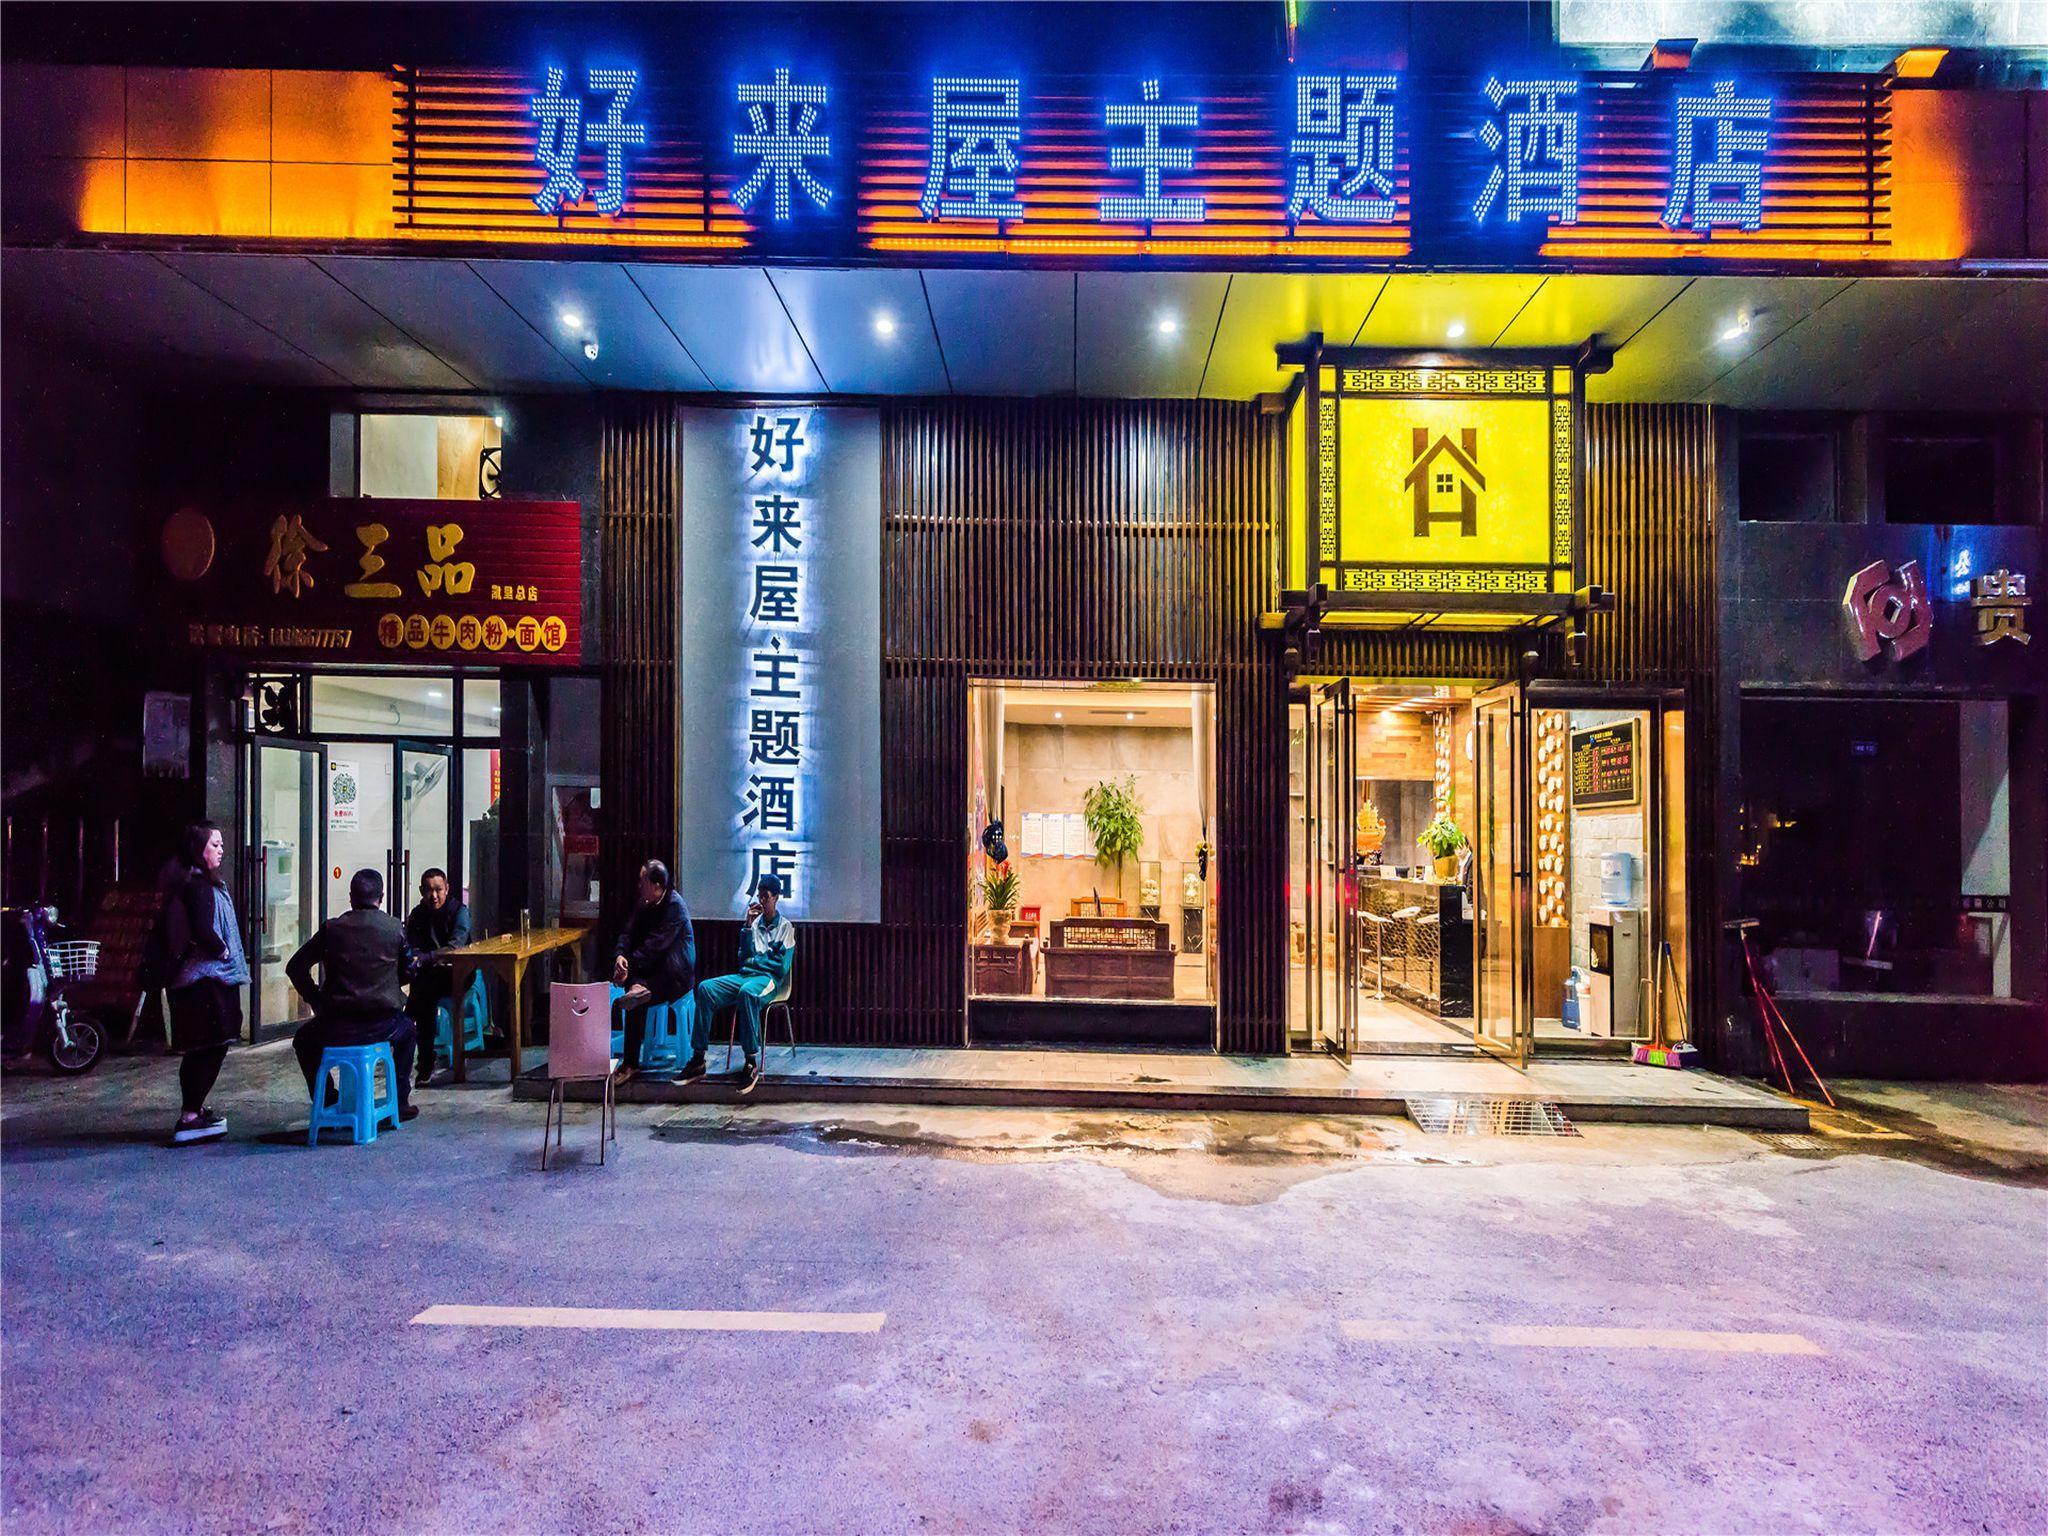 Kaili Haolaiwu Hotel Cheng Nan Branch, Qiandongnan Miao and Dong